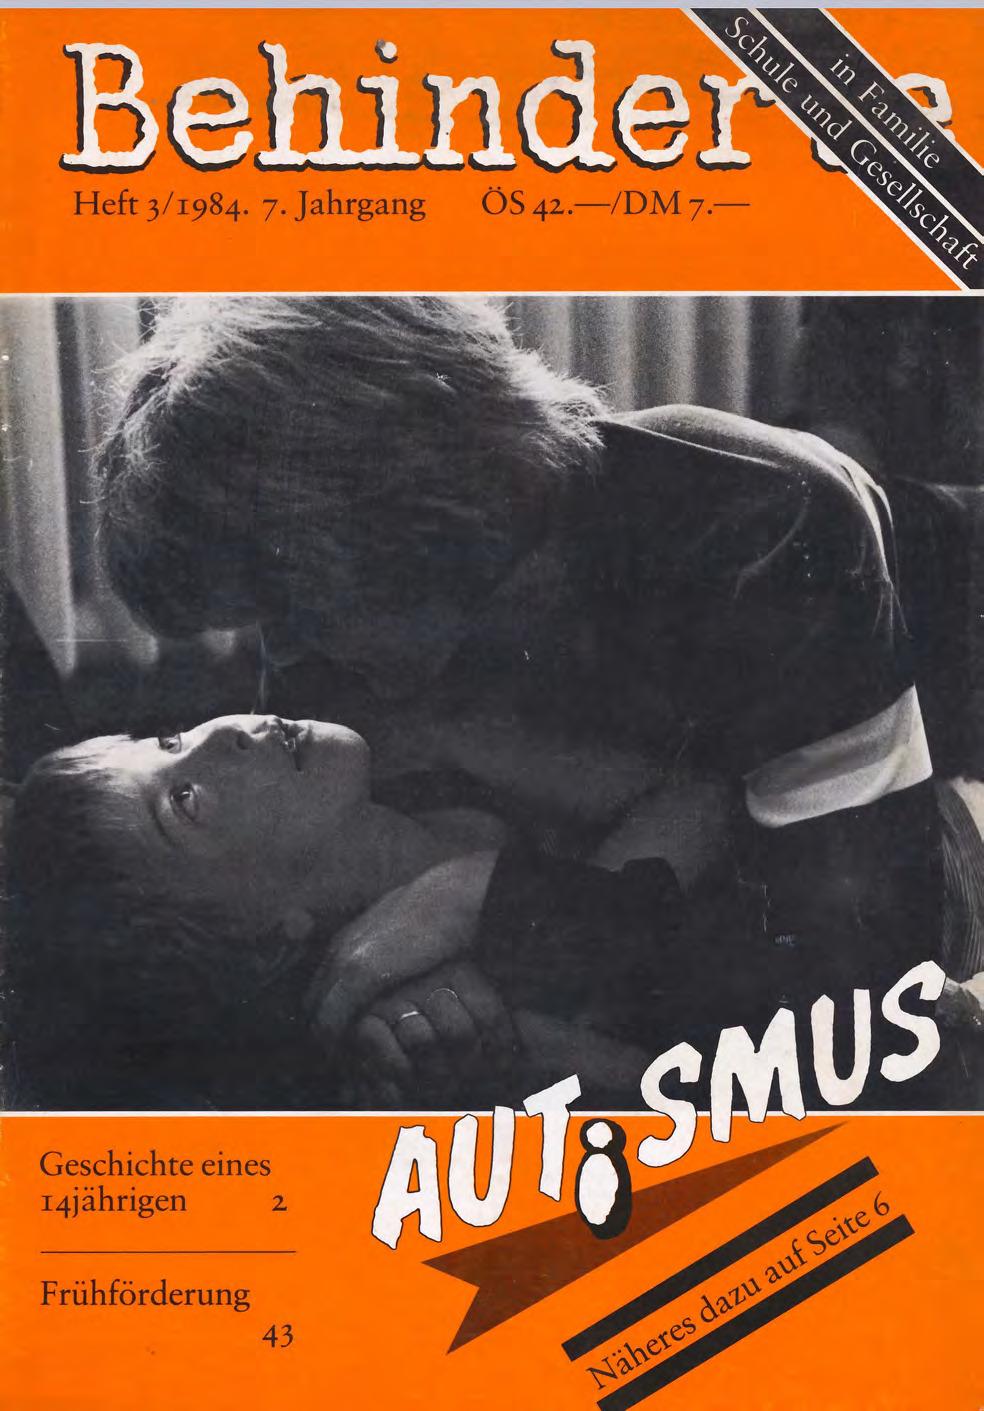 """Titelbild der Zeitschrift BEHINDERTE MENSCHEN, Ausgabe 3/1984 """"Autismus"""""""